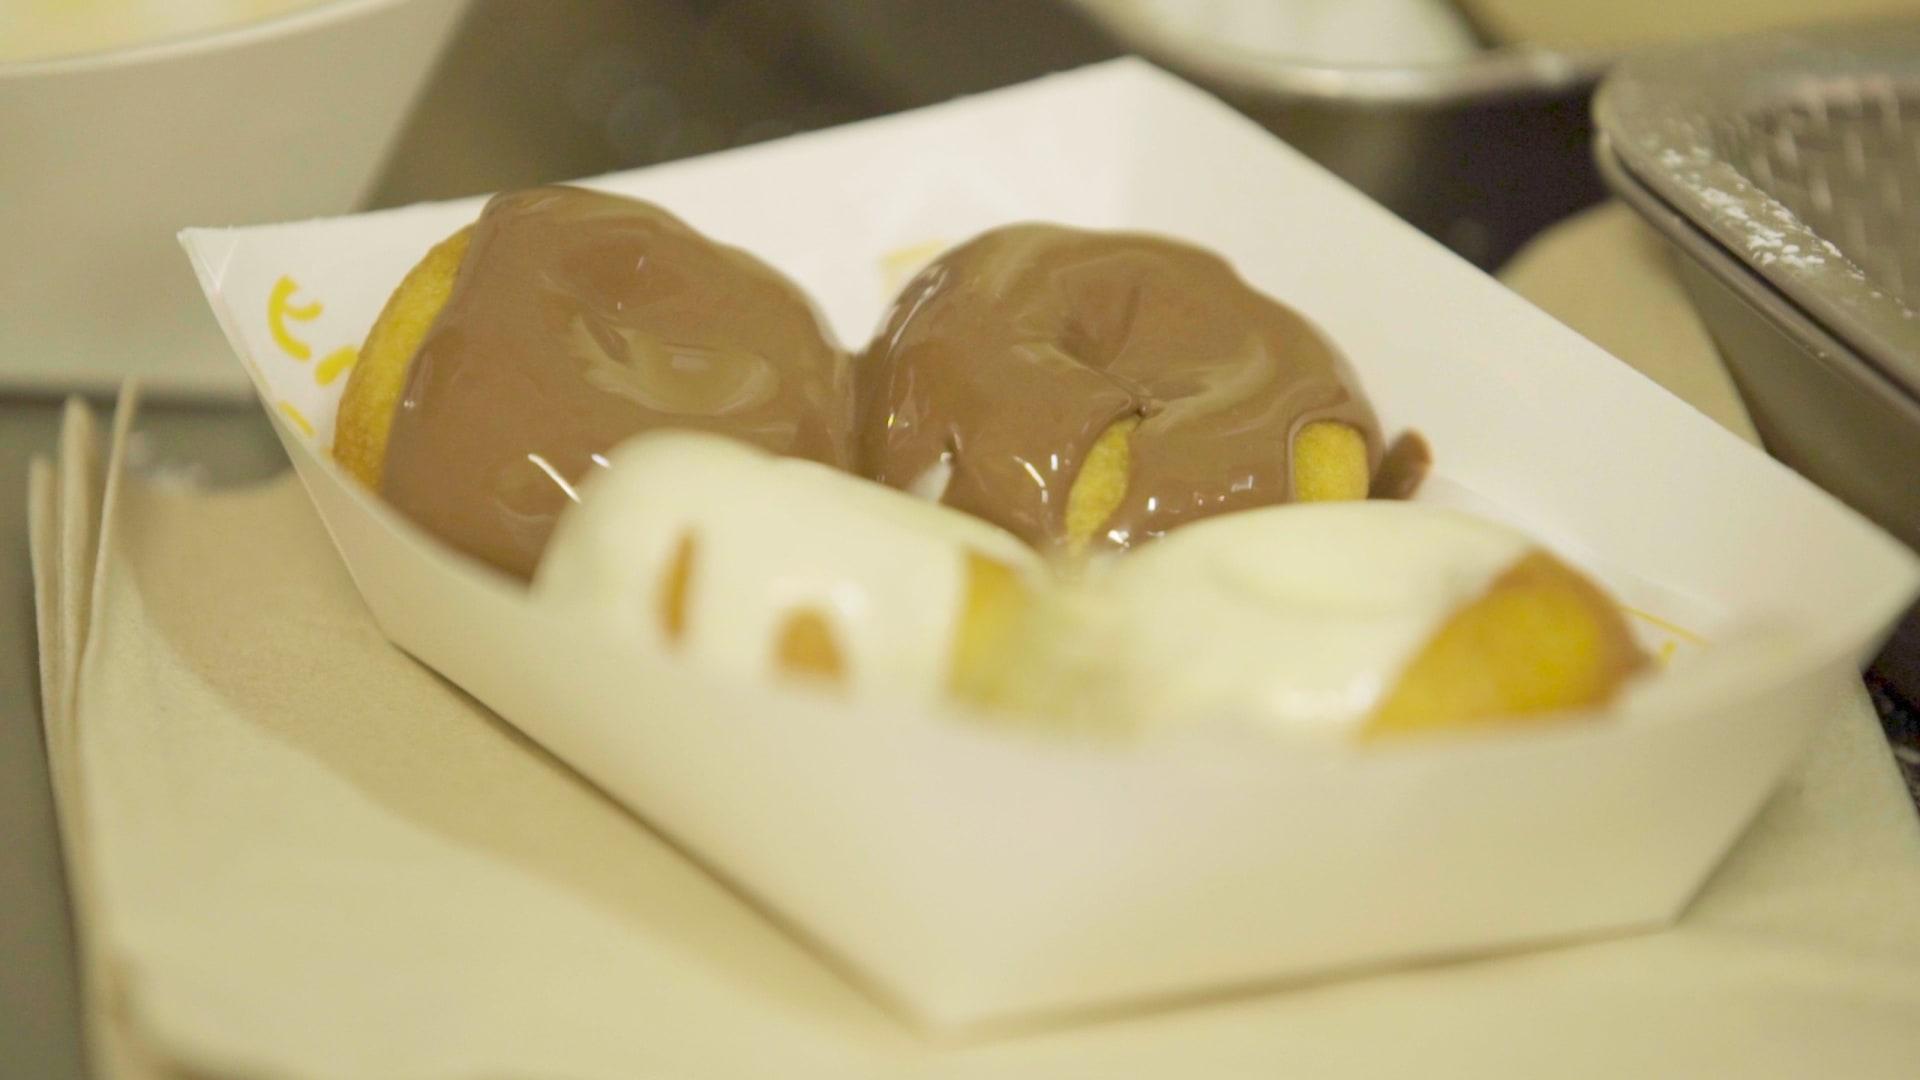 دونات بنكهات اللبنة والزعتر في دبي.. طابع عربي على حلويات غربية